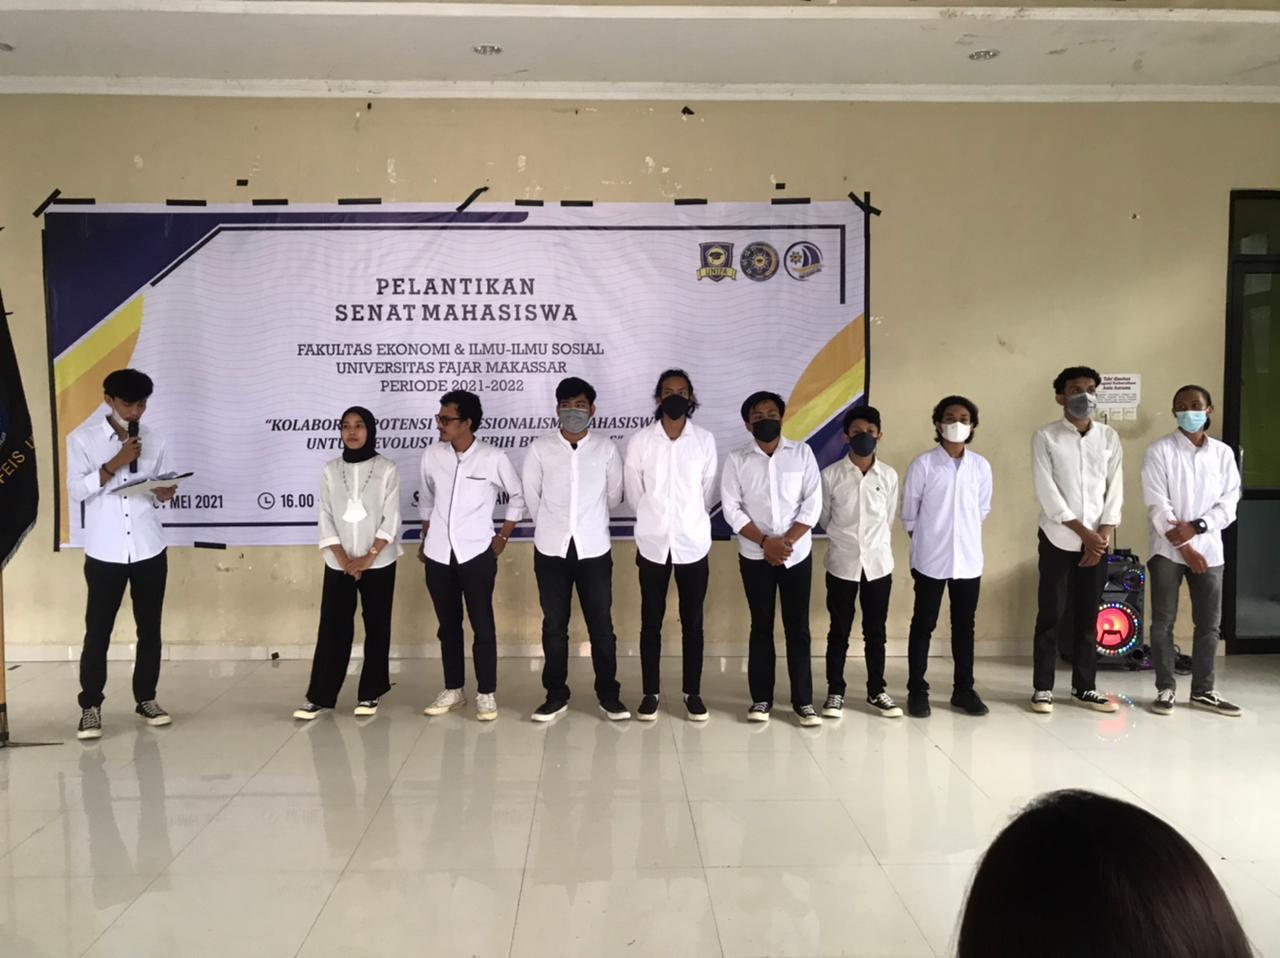 SEMA FEIS Memilih Kolaborasi Karya Sebagai Nama Kabinet